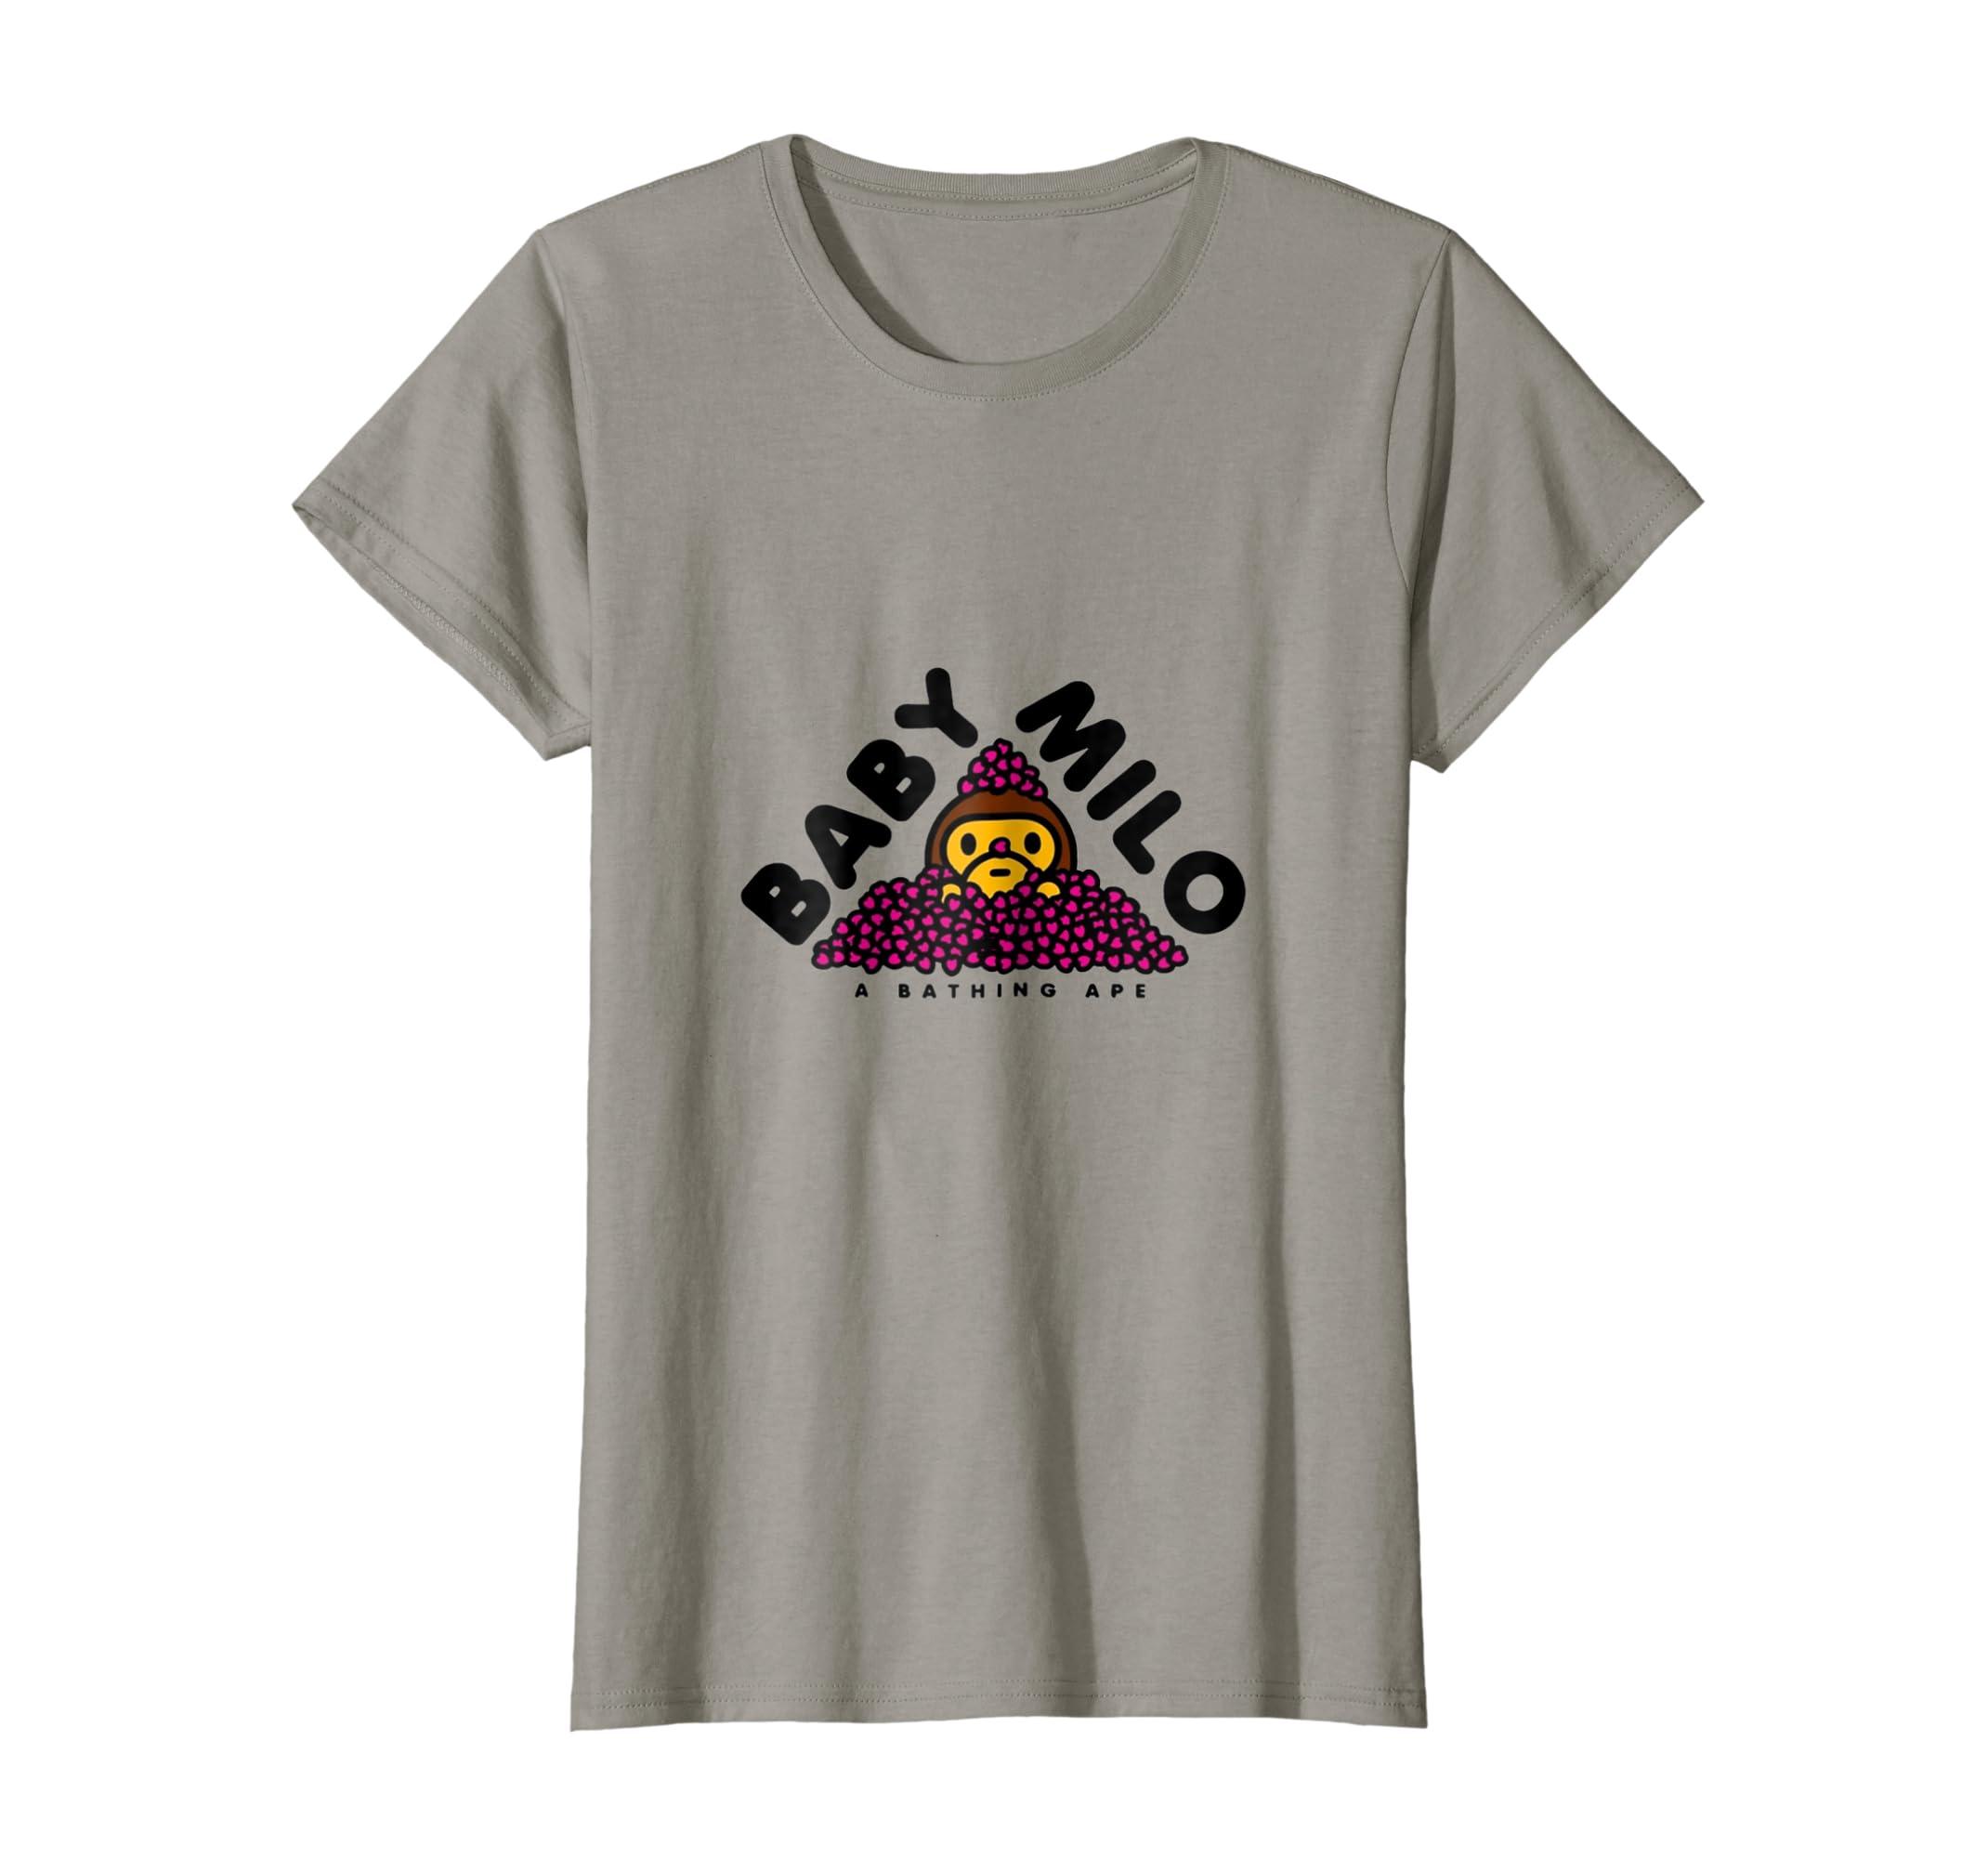 0b391cd5 Amazon.com: Baby Milo Sakura Leaf shirt: Clothing